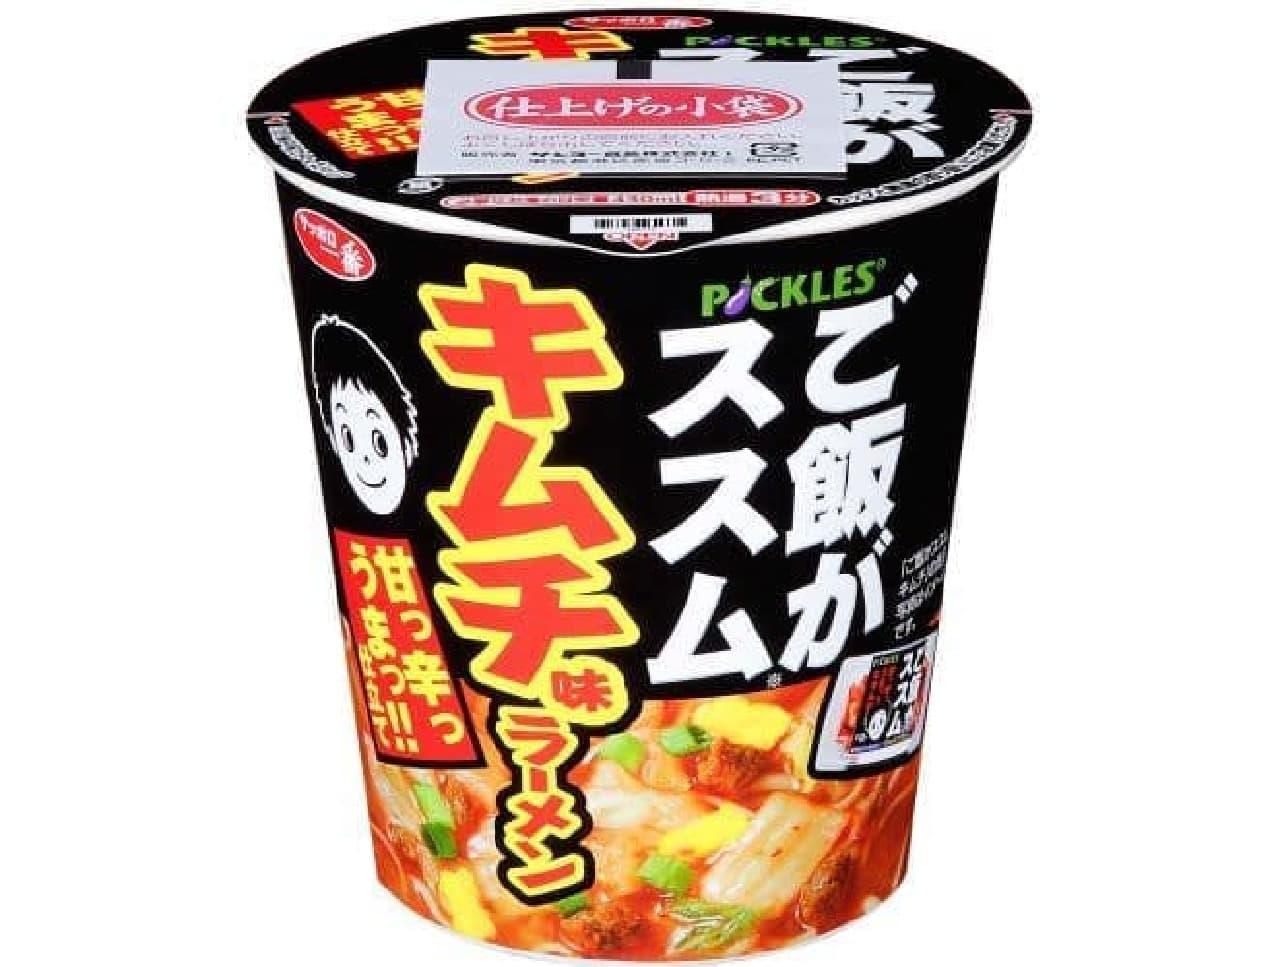 「サッポロ一番 ご飯がススムキムチ味ラーメン 甘っ辛っうまっ!!仕立て」は、ご飯がススム キムチとサッポロ一番のコラボ商品